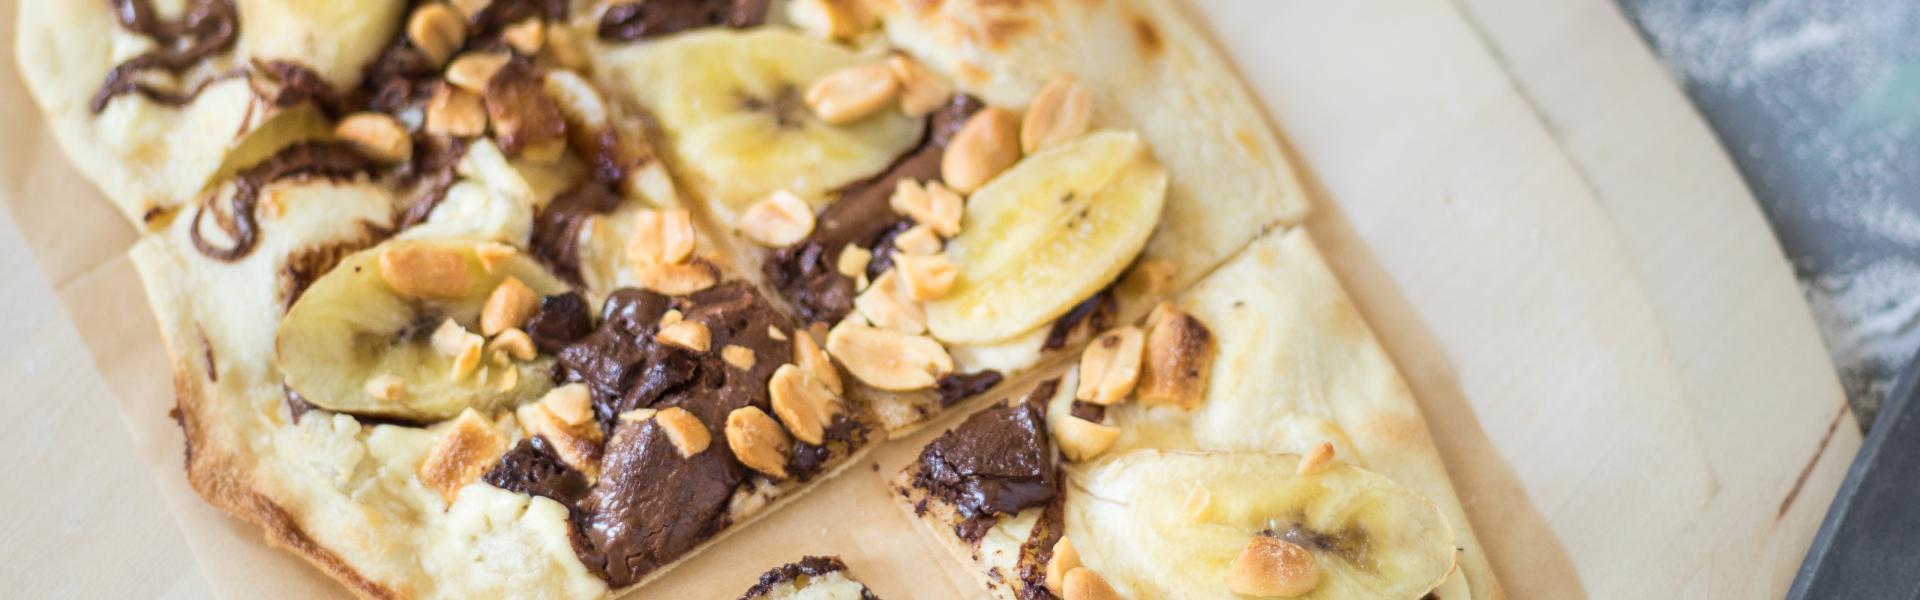 Süßer Flammkuchen mit Nutella und Banane liegt auf einem Stück Backpapier.